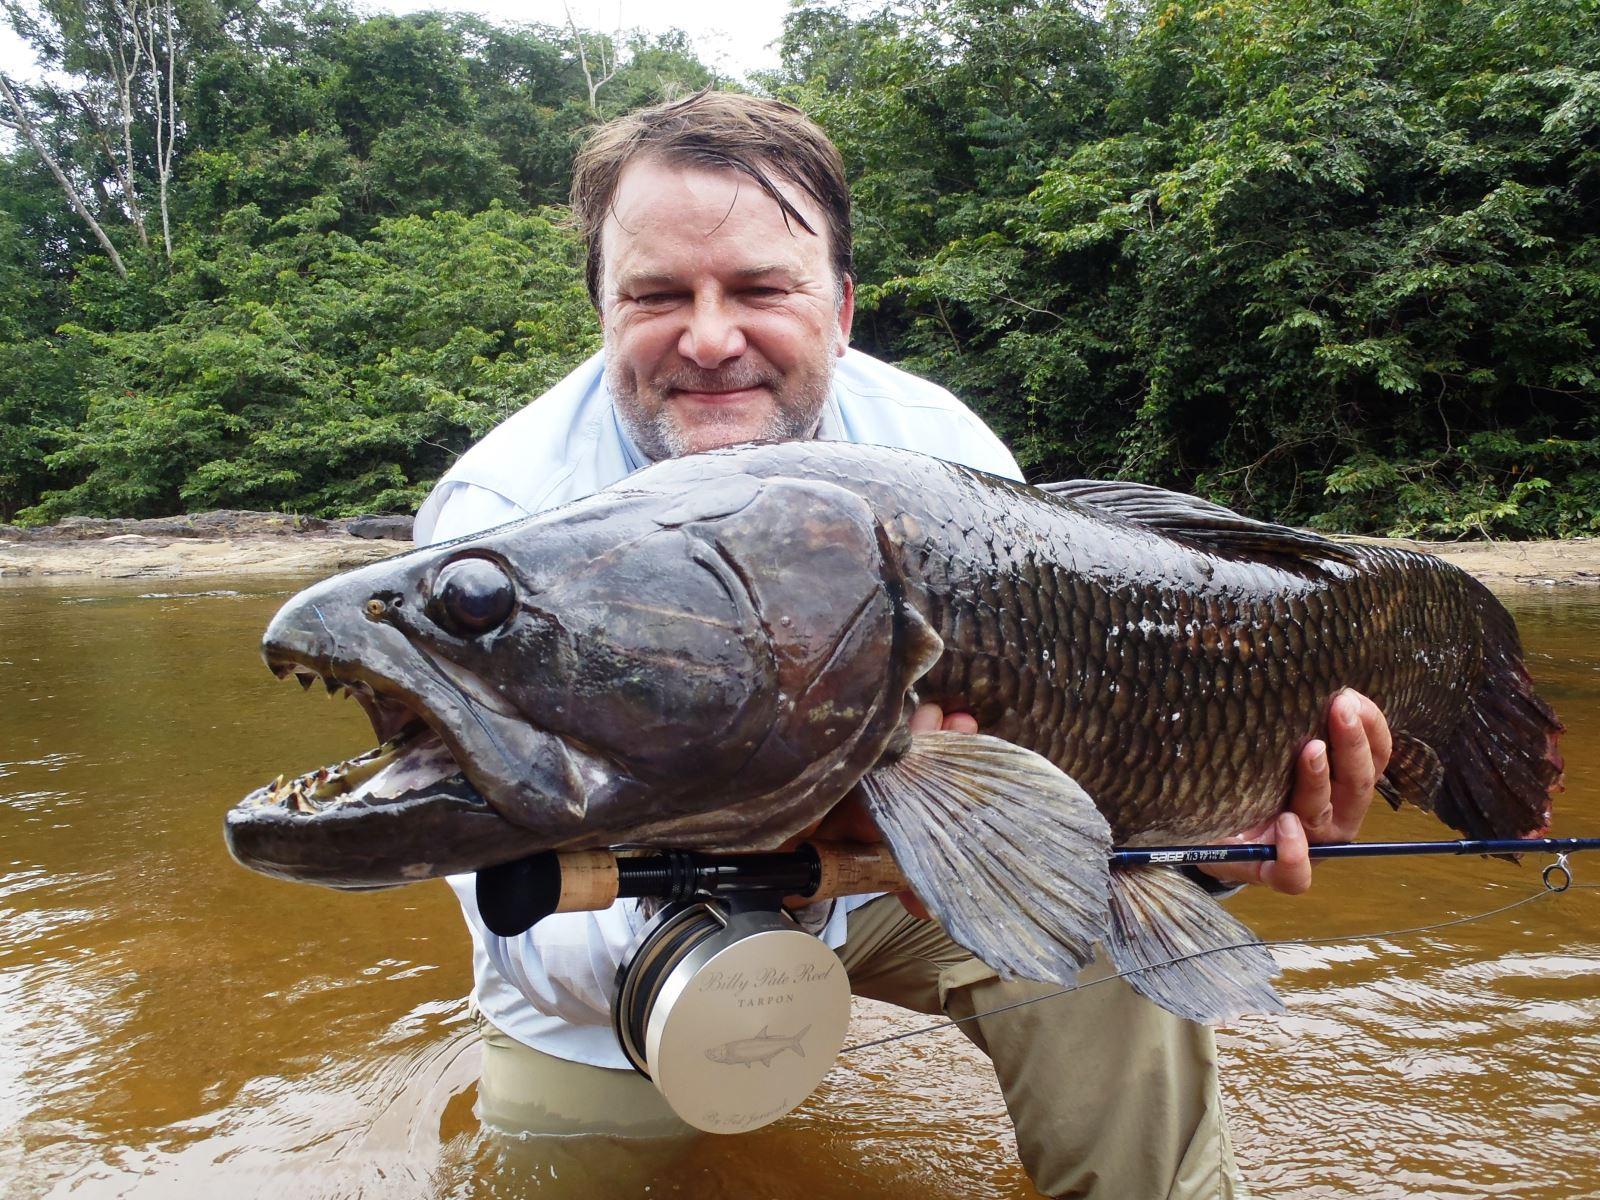 R Fisheries UK Angler Lands...